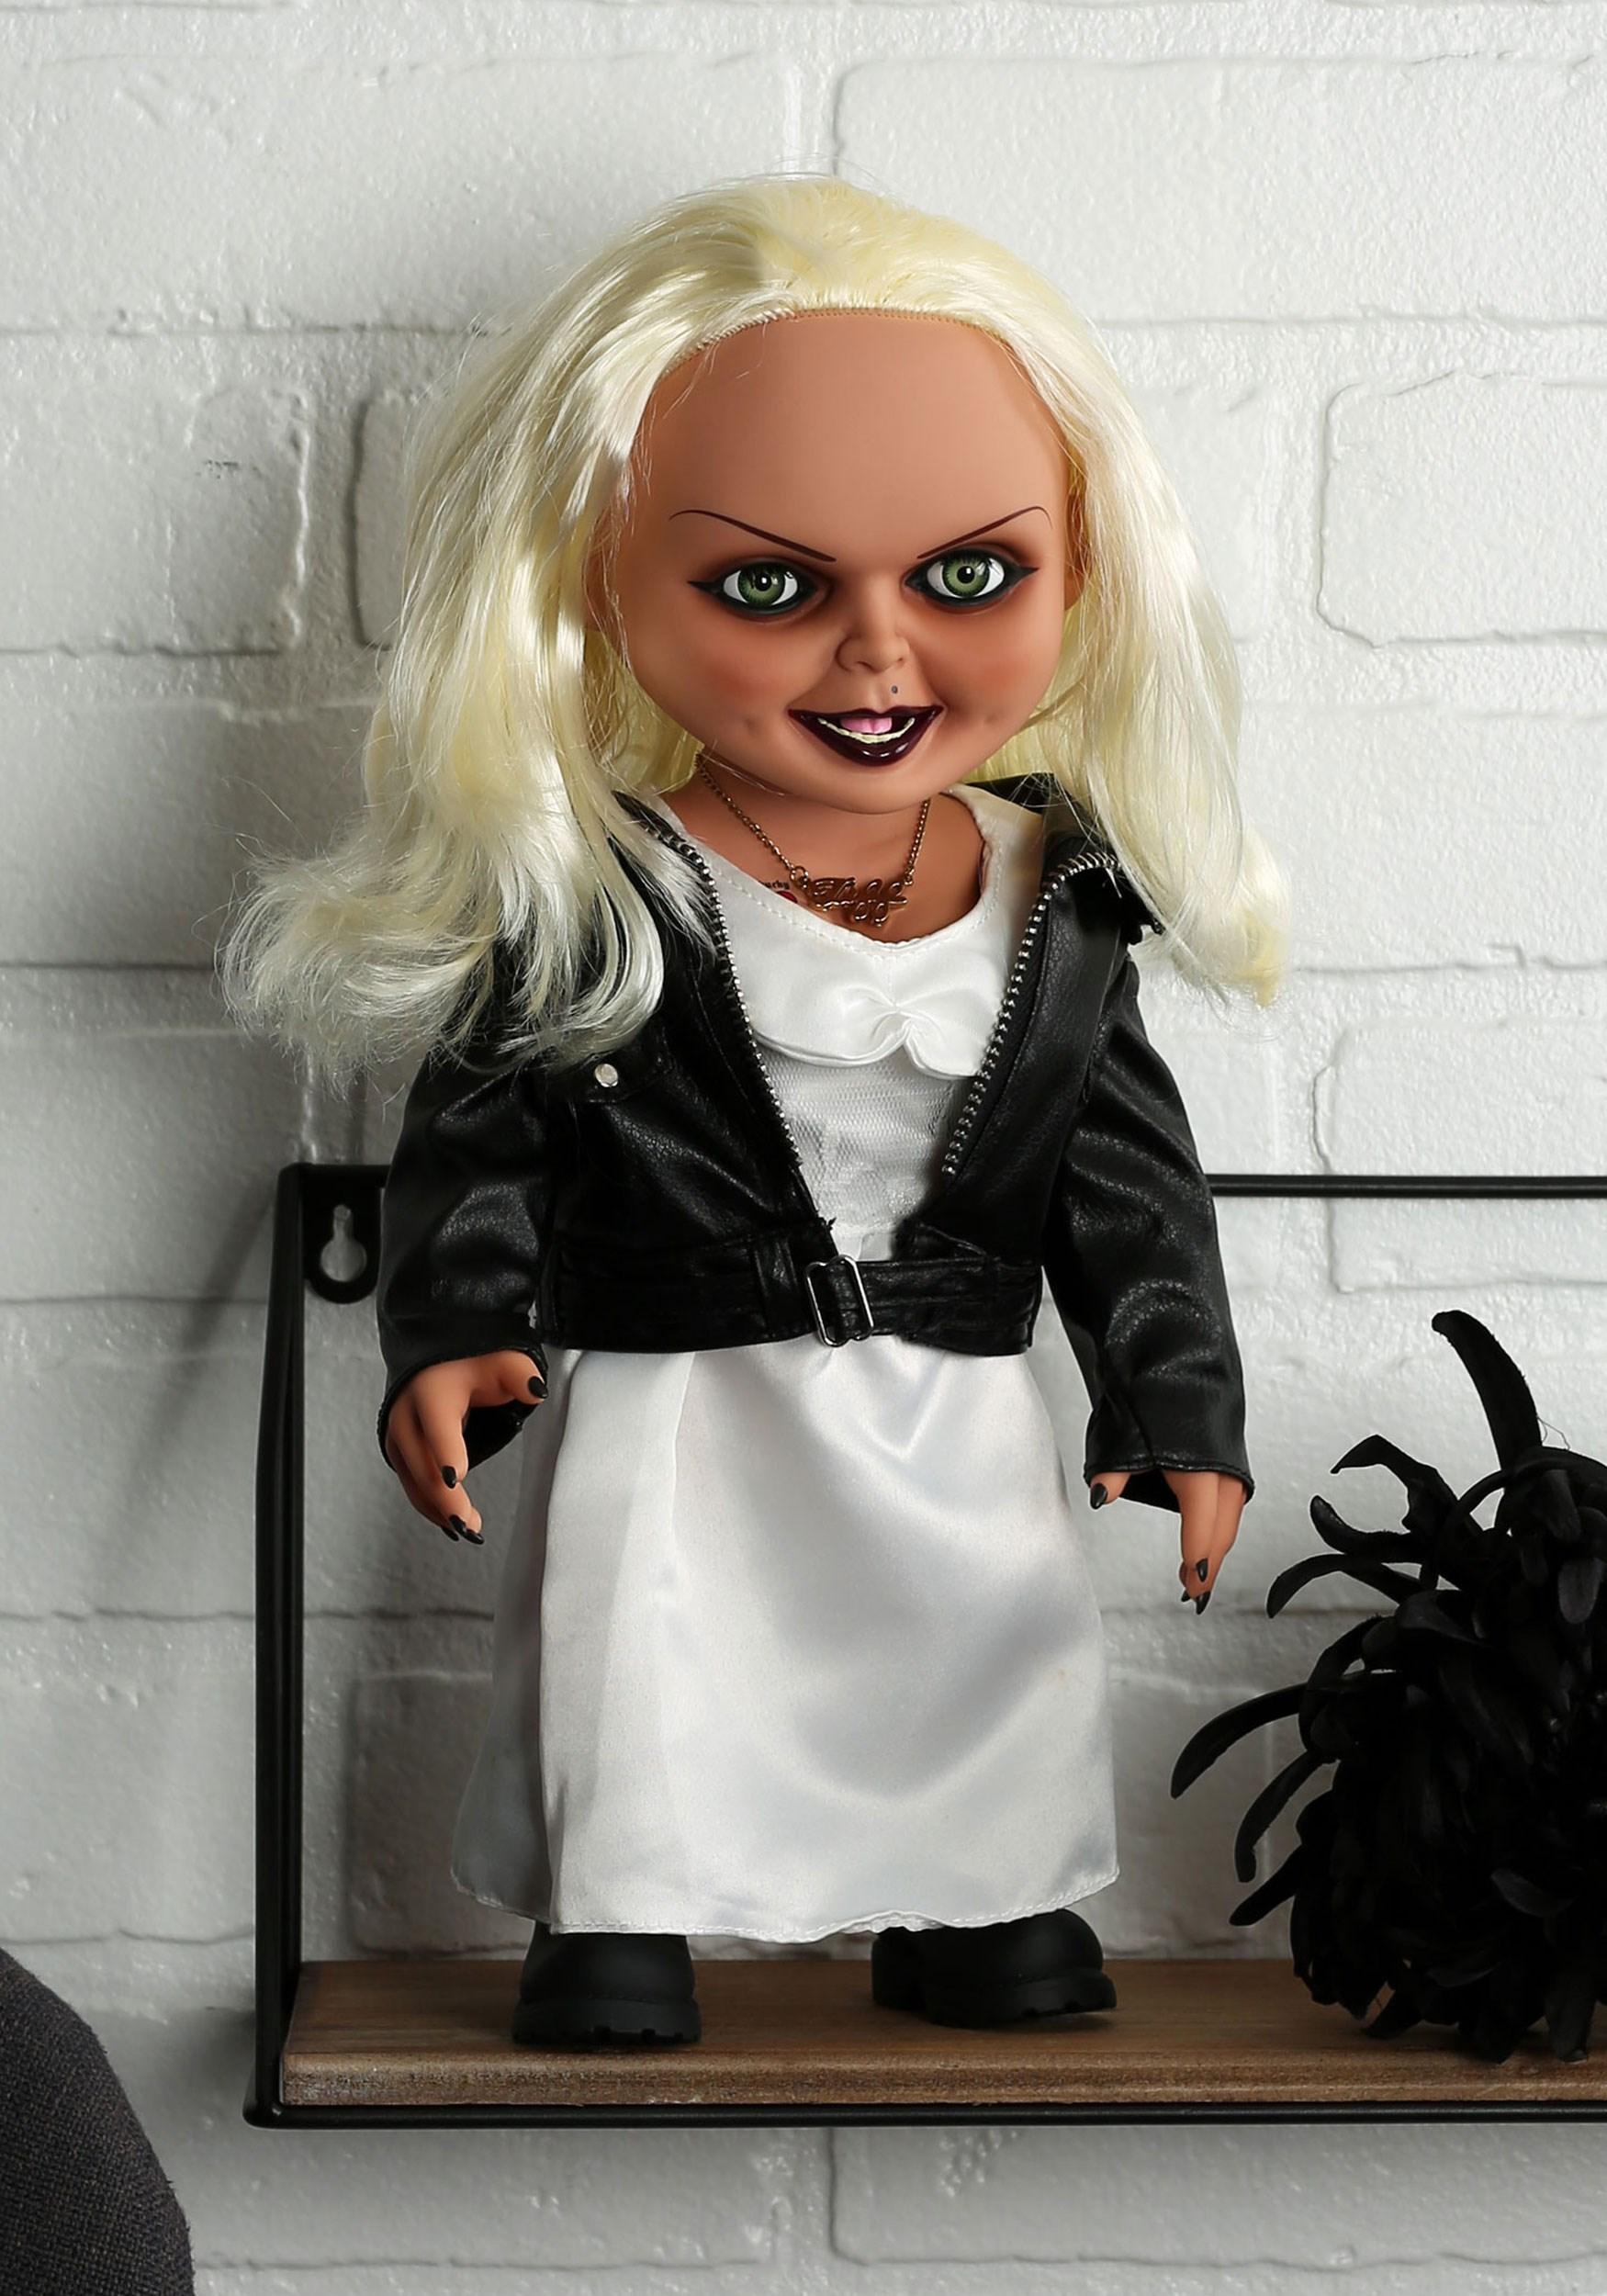 Bride of Chucky Tiffany 15